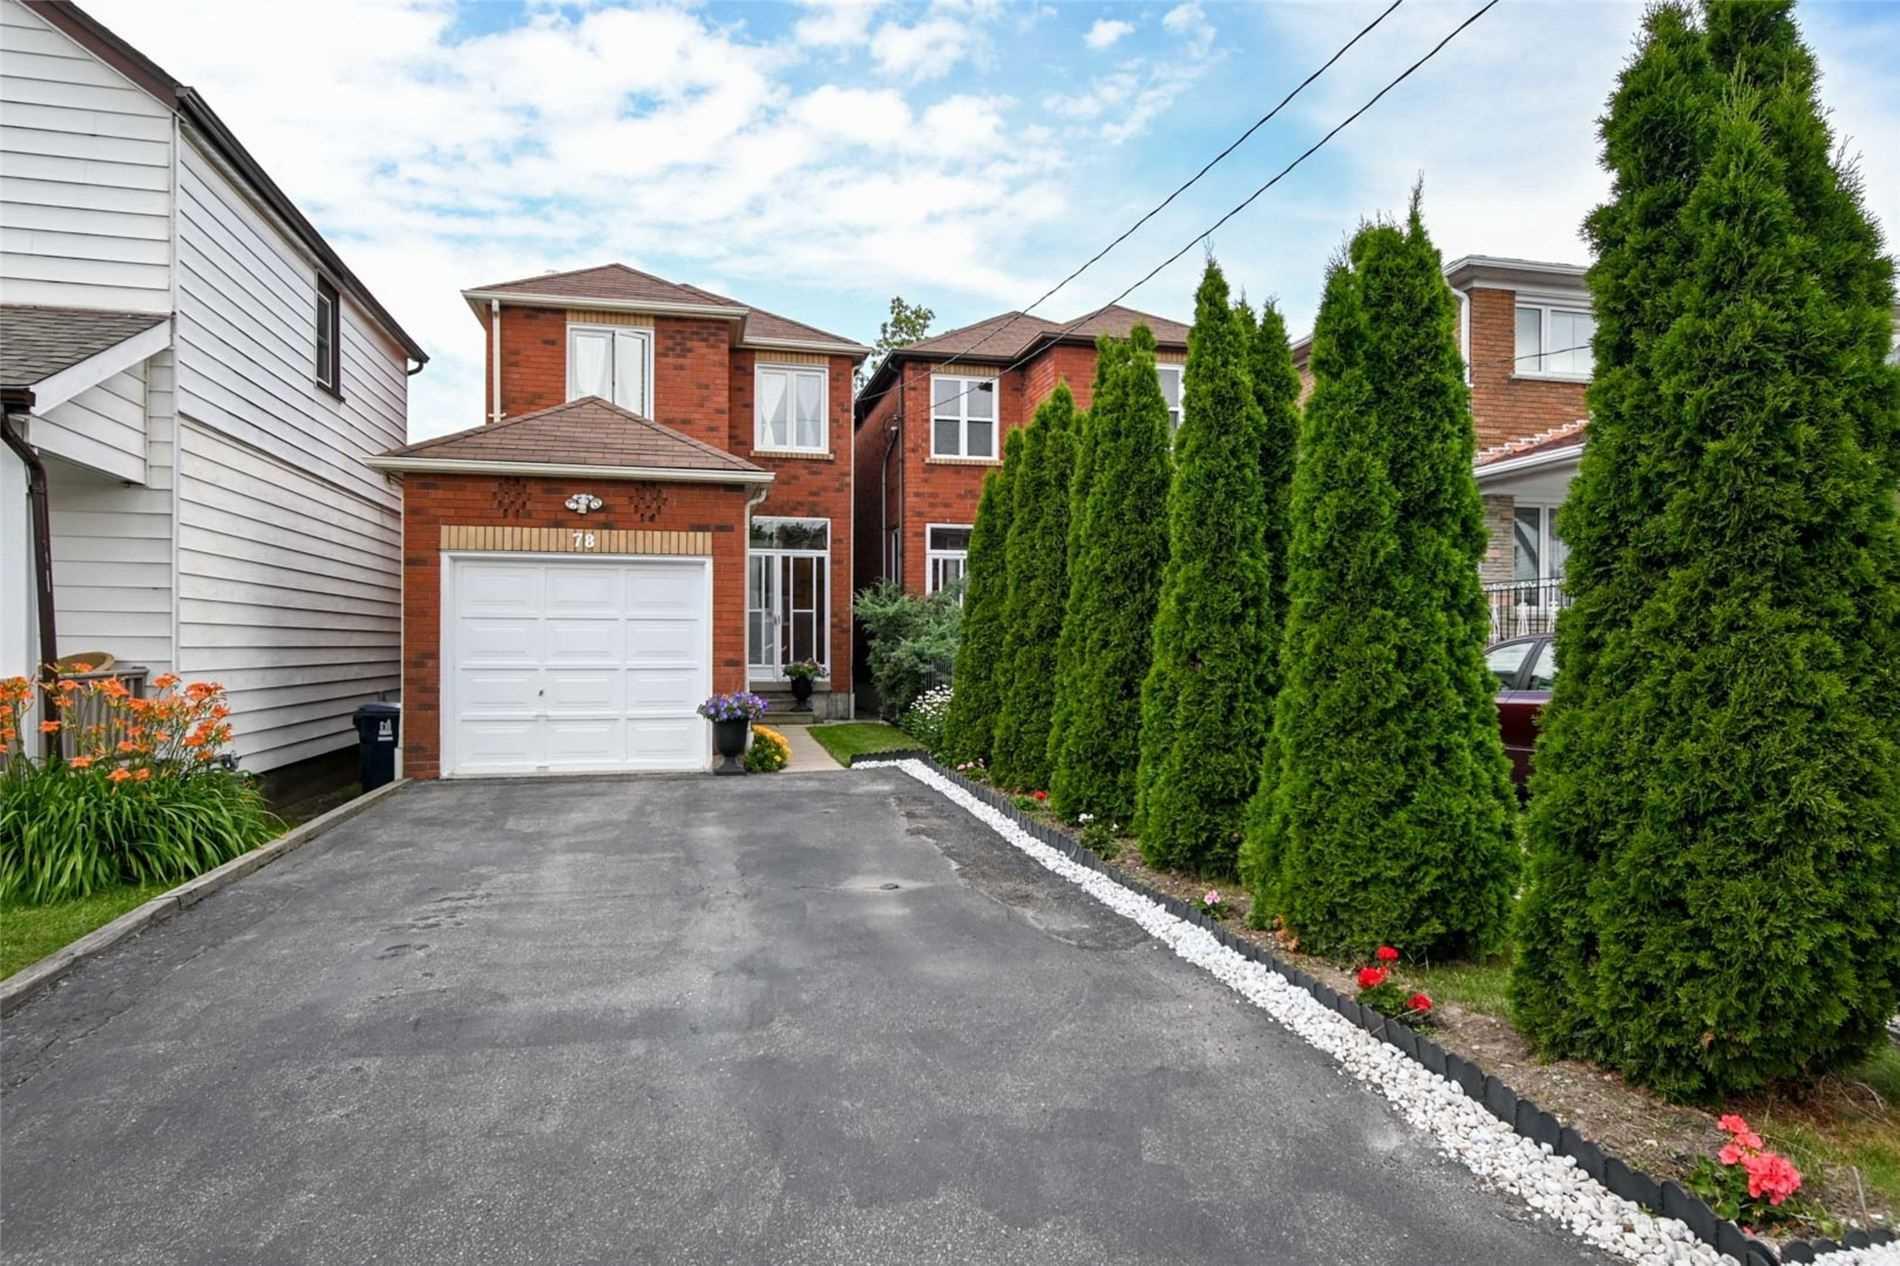 78 Byng Ave, Toronto, Ontario M1L3N7, 3 Bedrooms Bedrooms, 6 Rooms Rooms,3 BathroomsBathrooms,Detached,For Sale,Byng,E5351073